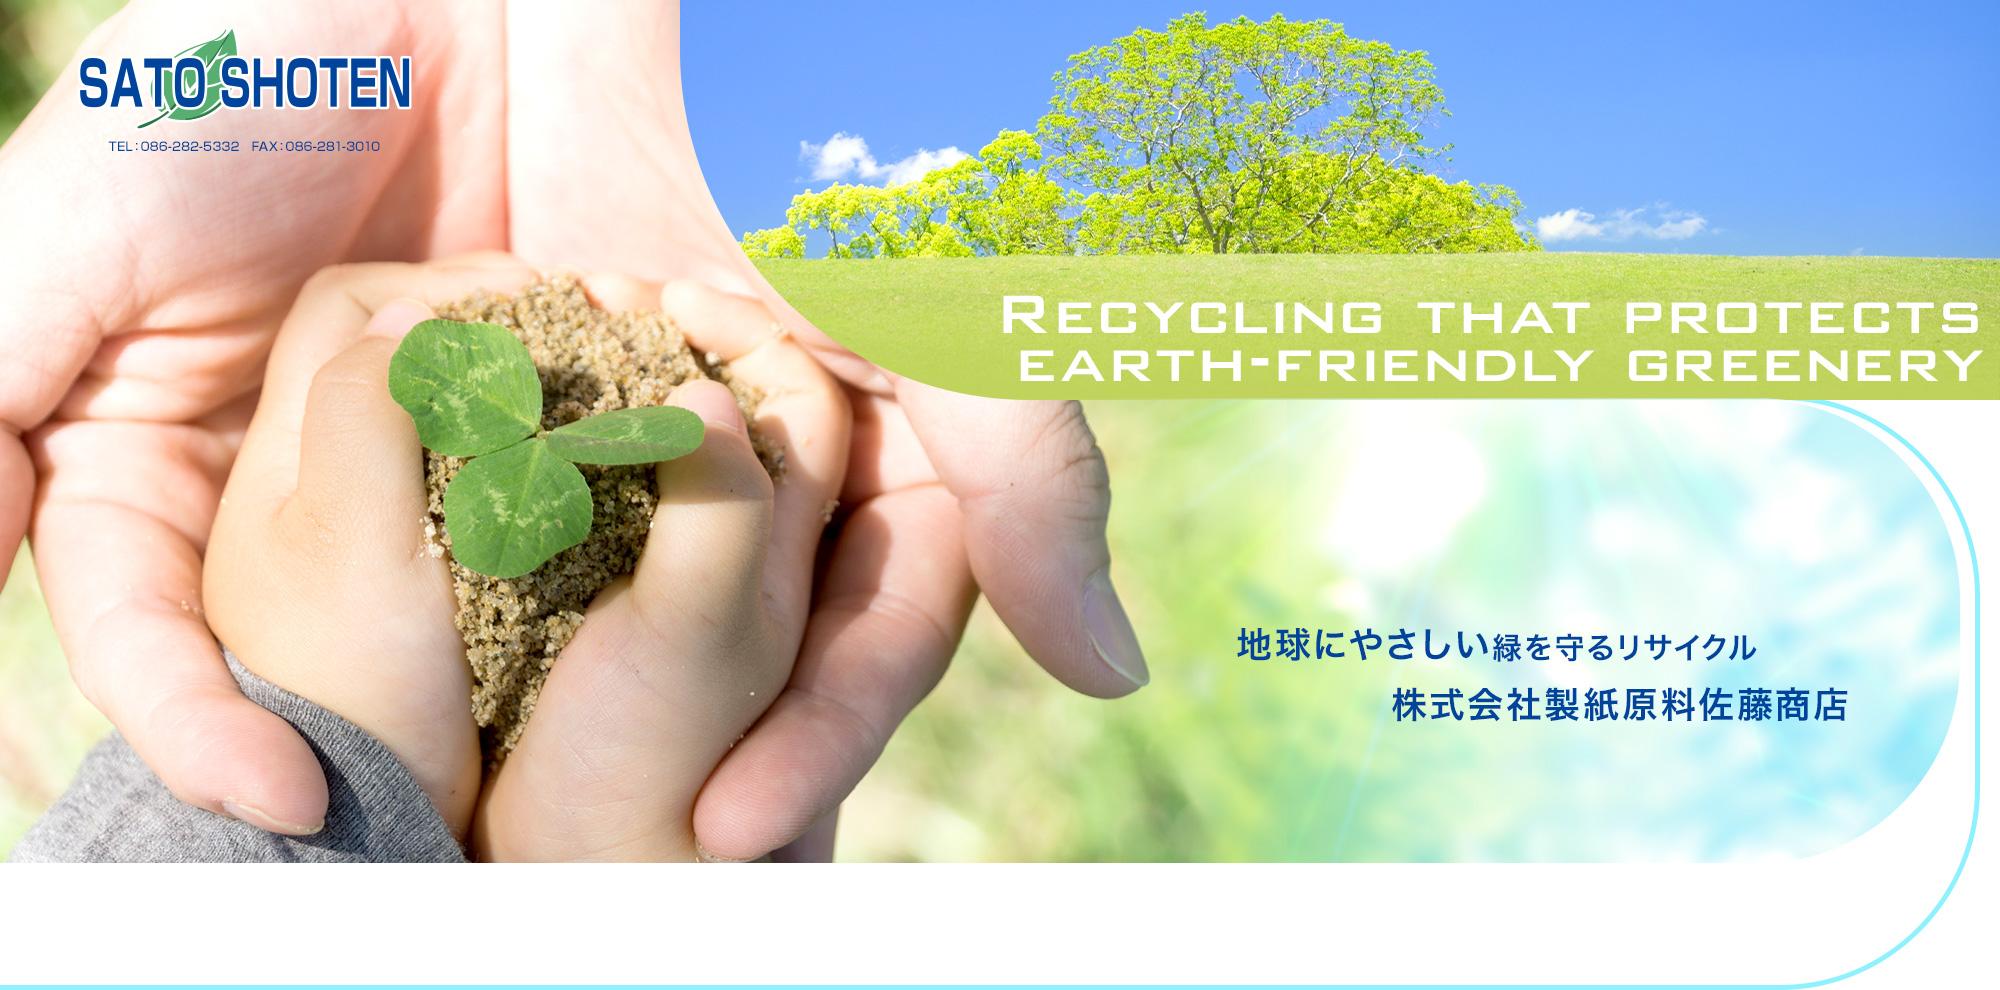 地球にやさしい緑を守るリサイクル株式会社製紙原料佐藤商店